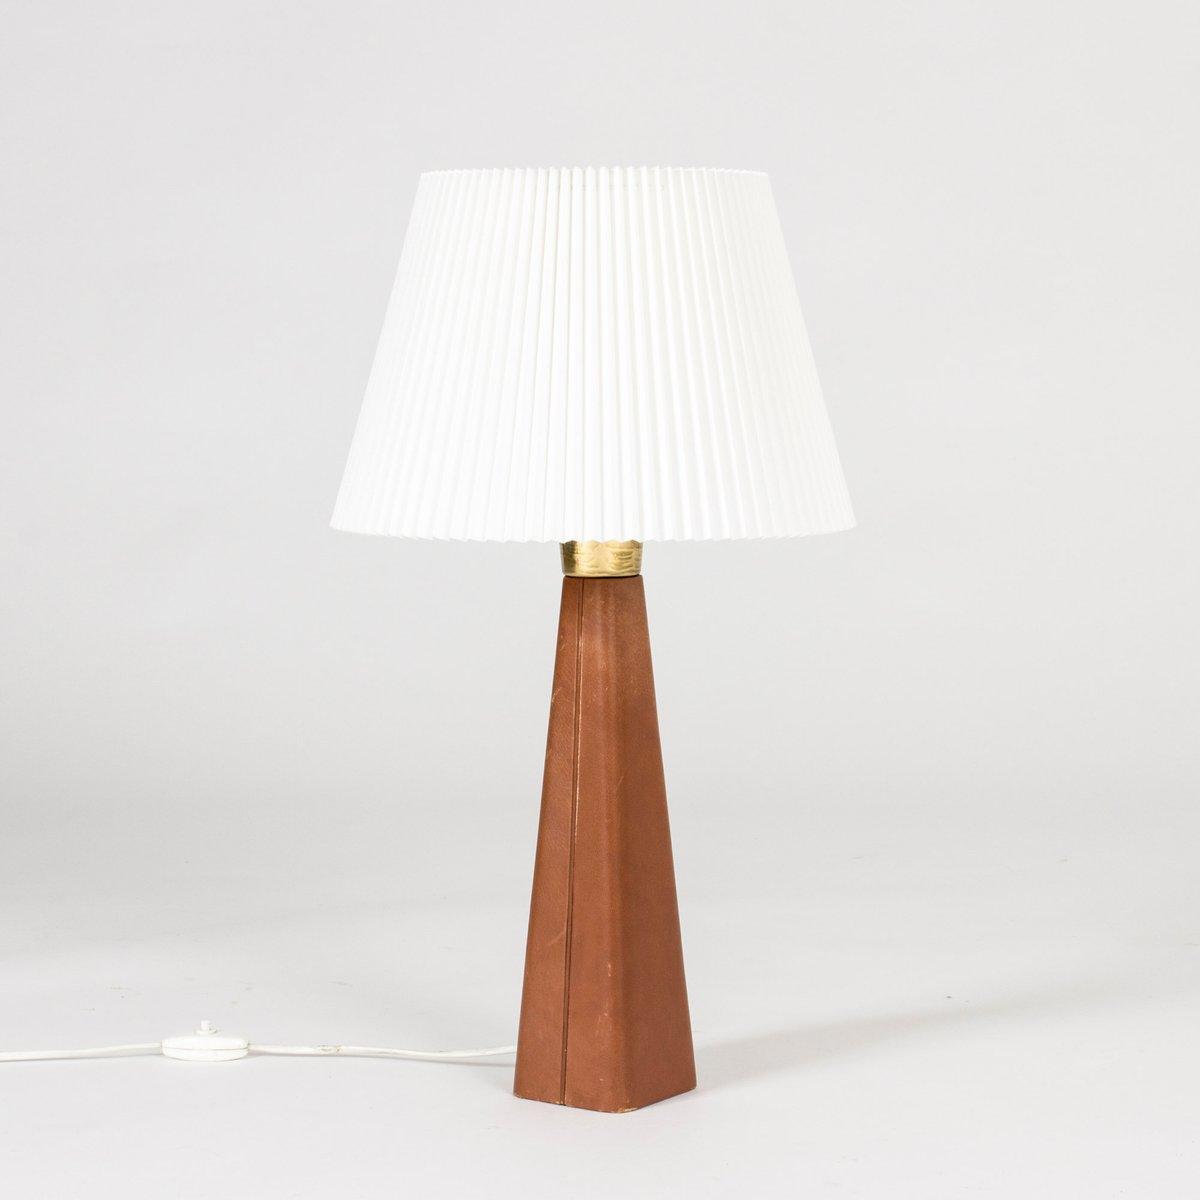 Leder Tischlampe von Lisa Johansson-Pape für Orno, 1950er